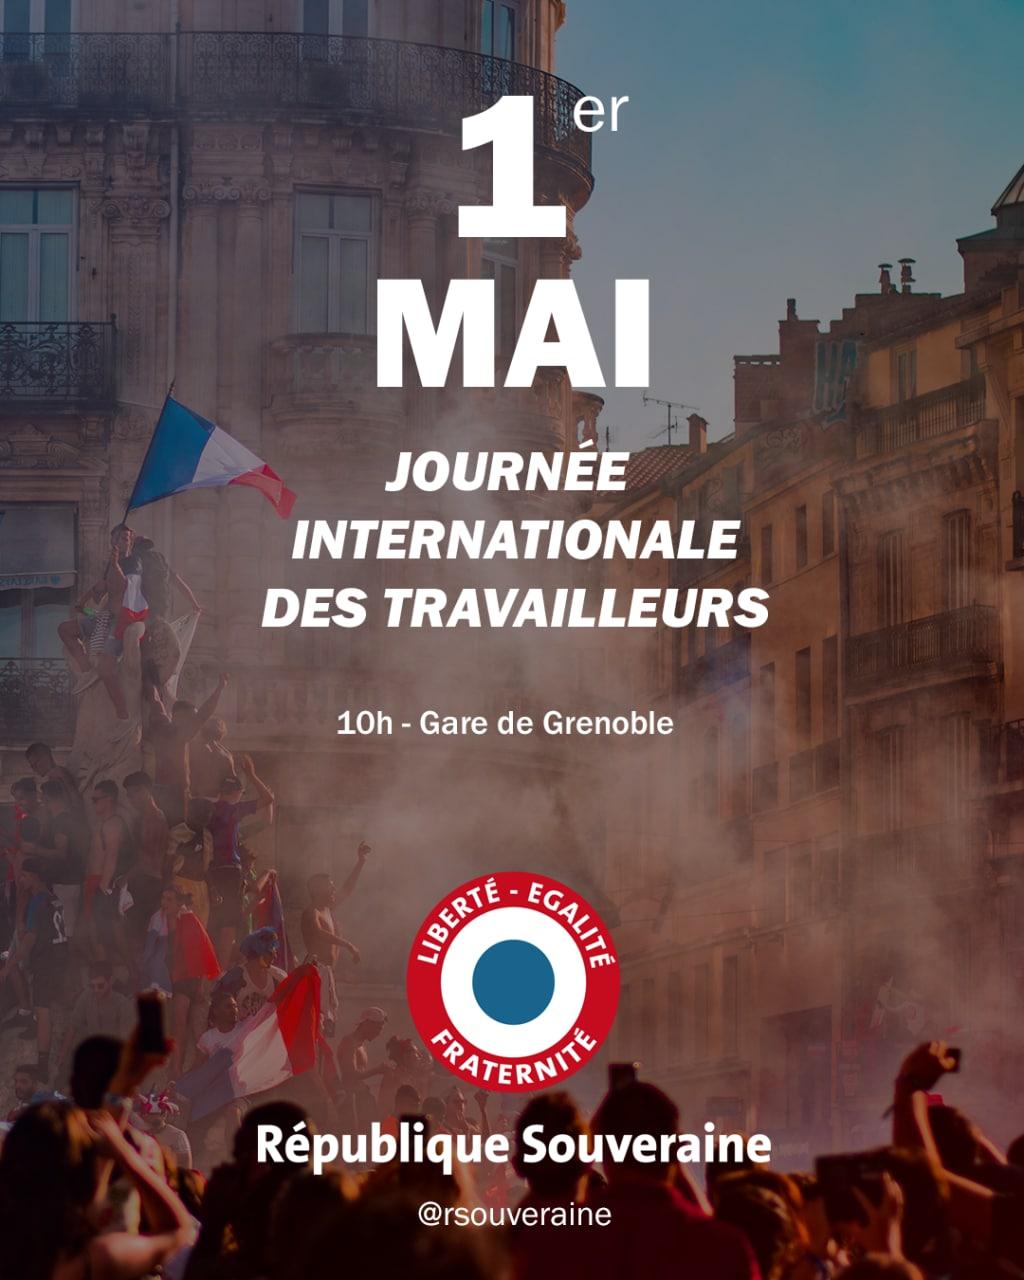 https://i1.wp.com/www.republique-souveraine.fr/wp-content/uploads/2021/05/IMAGE-2021-05-02-121741.jpg?fit=1024%2C1280&ssl=1